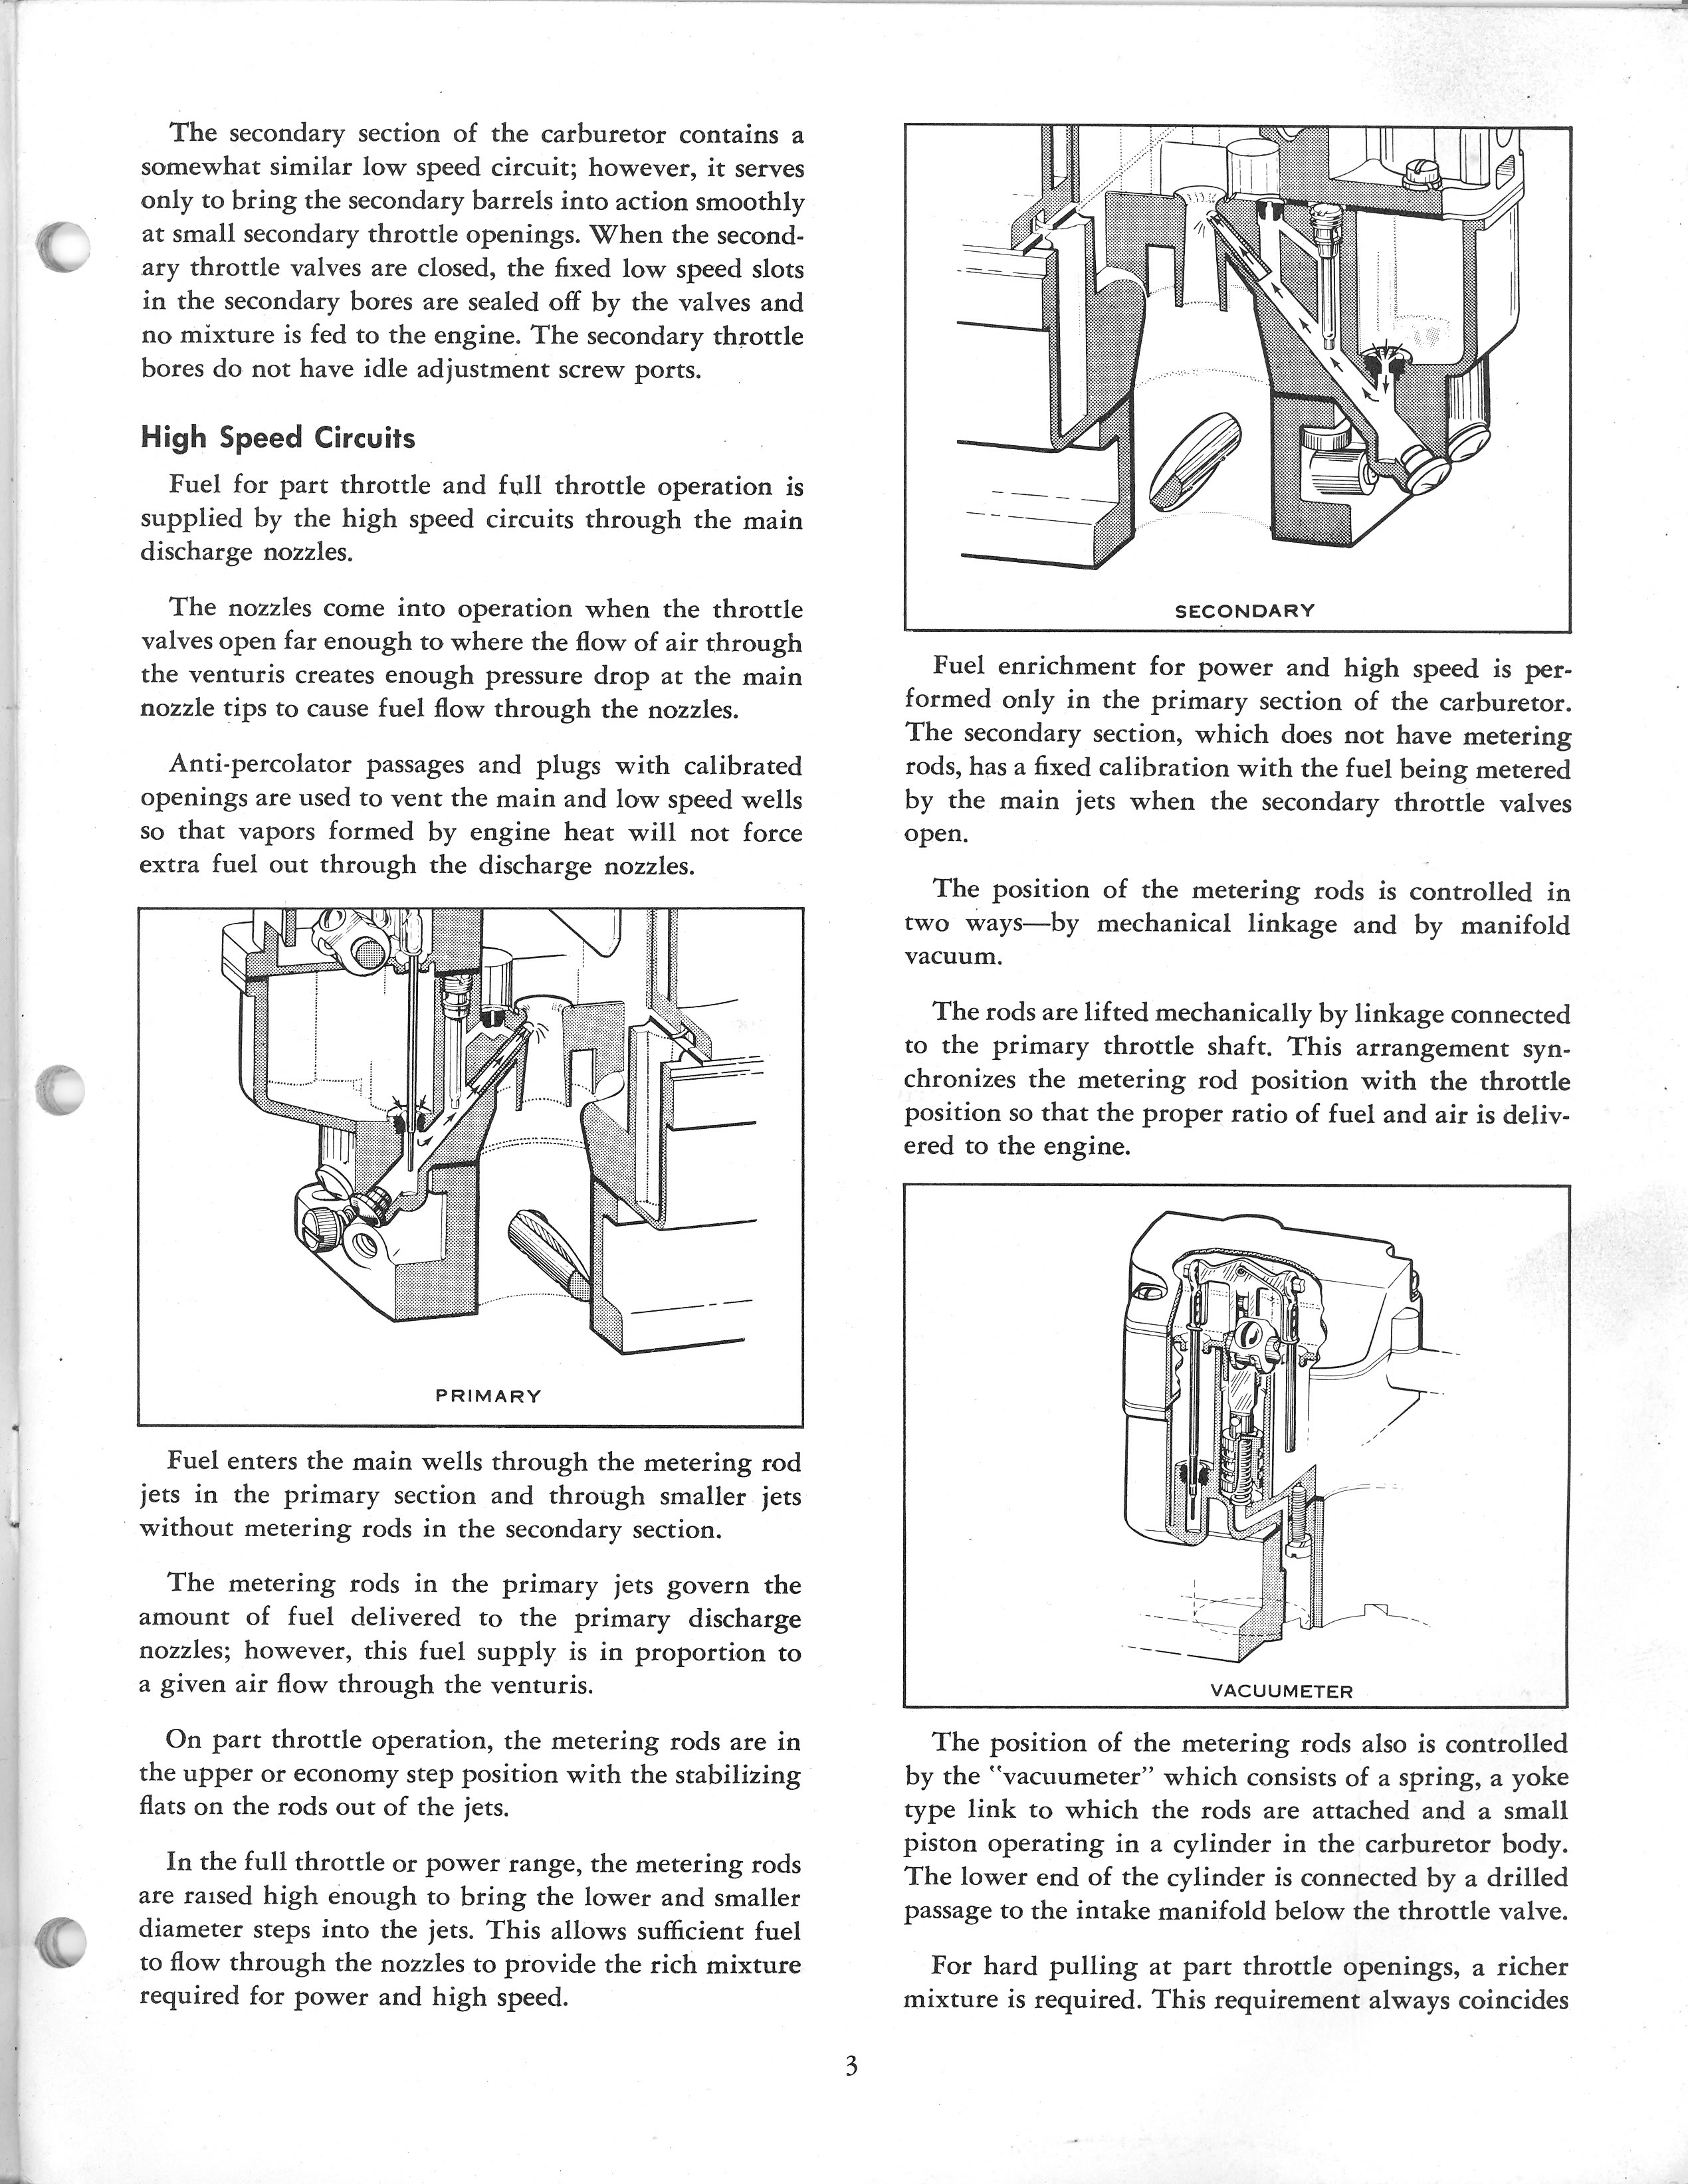 1953 Packard Carter WCFB Manual / Packard 4-Barrel0004 jpg